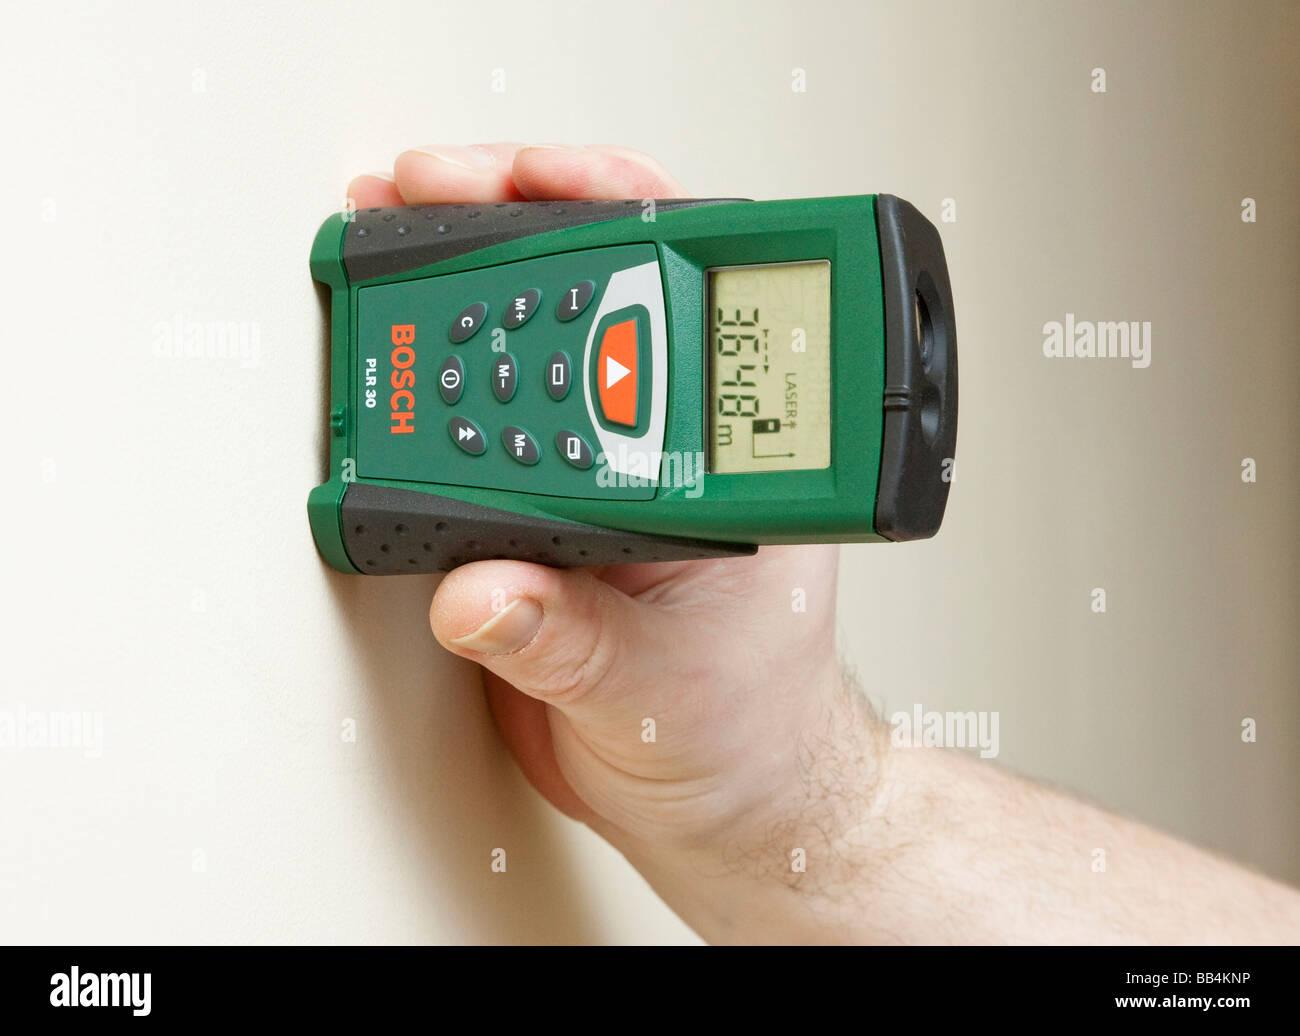 Bosch digitaler laser entfernungsmesser stockfoto bild: 24074898